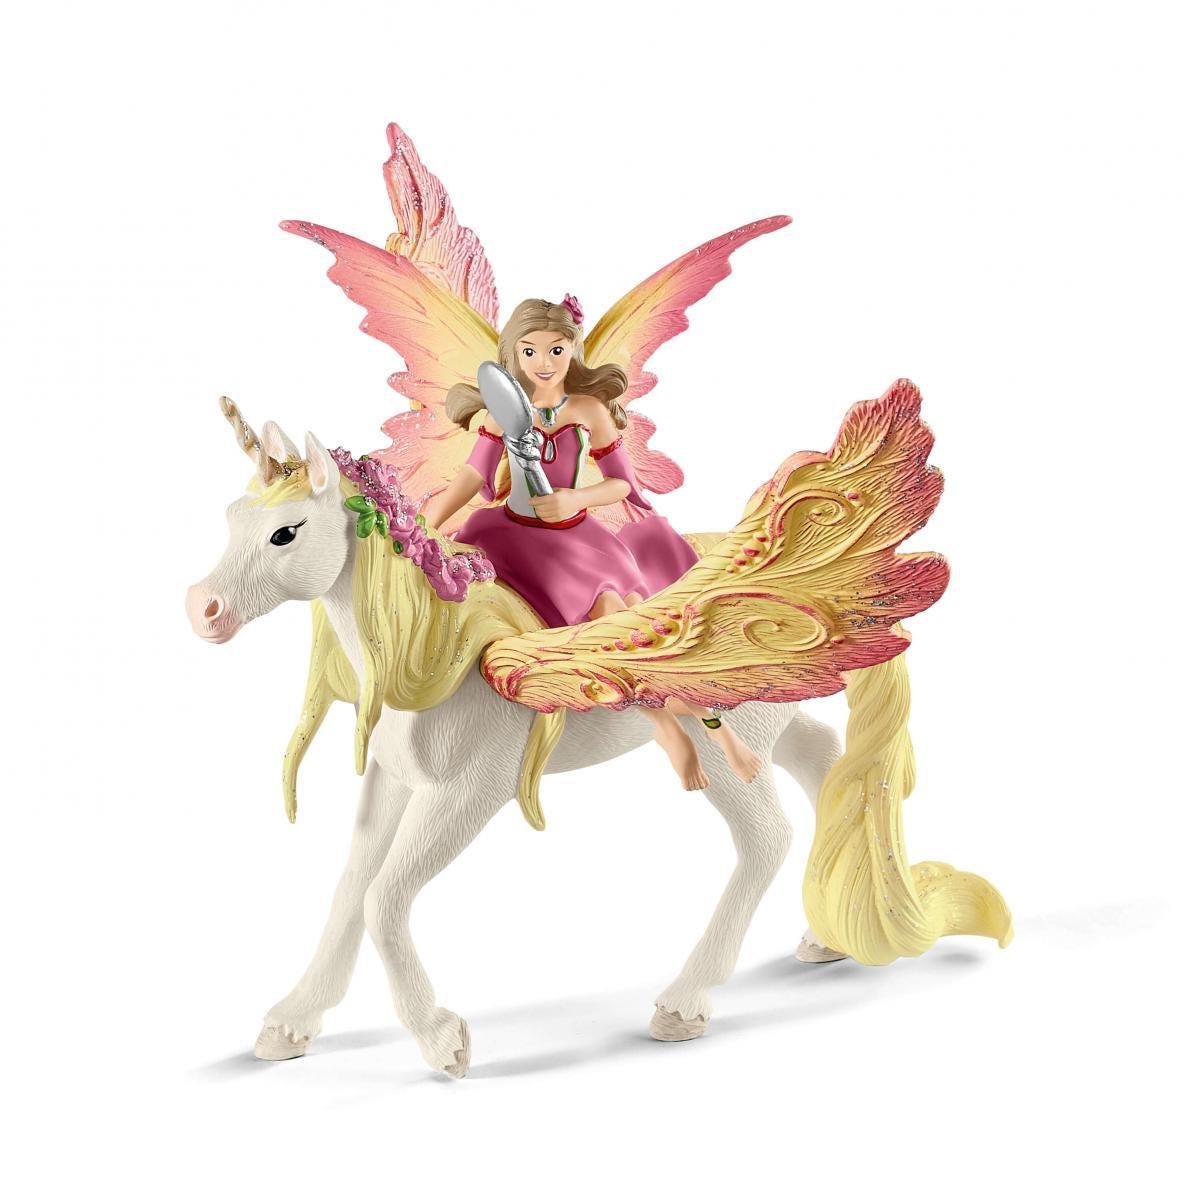 Foal Schleich Toy Schleich Rainbow Unicorn